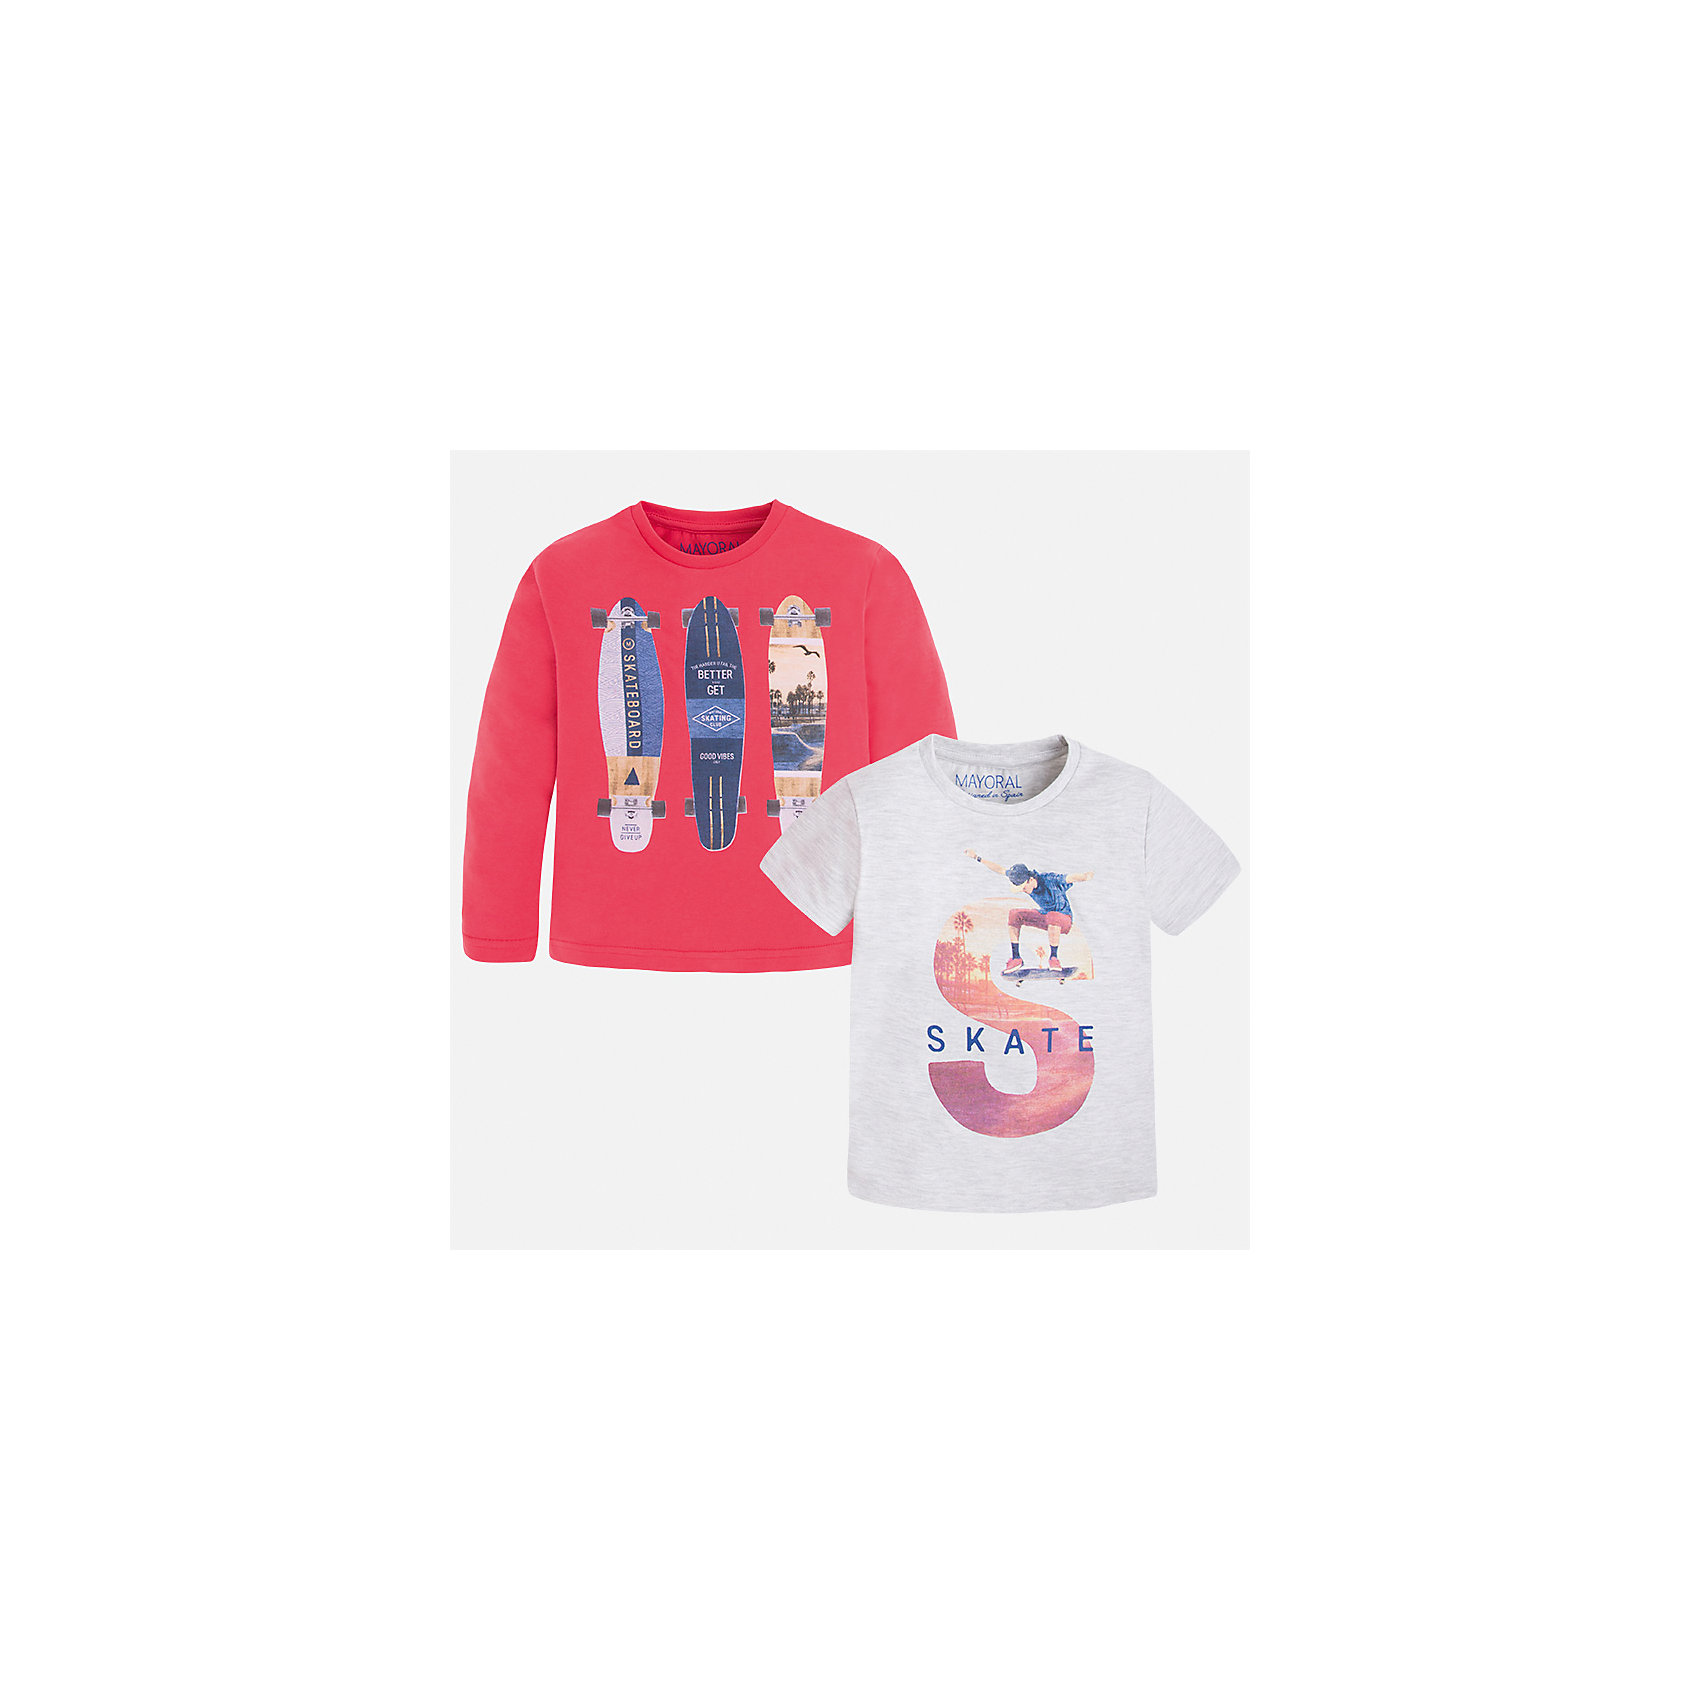 Комплект: футболка и футболка с длинным рукавом для мальчика MayoralКомплекты<br>Характеристики товара:<br><br>• цвет: красный/белый<br>• состав: лонгслив - 100% хлопок; футболка - 60% хлопок, 40% полиэстер<br>• комплектация: футболка и футболка с длинным рукавом <br>• круглый горловой вырез<br>• декорированы принтом<br>• отделка горловины<br>• страна бренда: Испания<br><br>Удобная модная футболка с принтом поможет разнообразить гардероб мальчика. Она отлично сочетается с брюками, шортами, джинсами. Универсальный крой и цвет позволяет подобрать к вещи низ разных расцветок. Практичное и стильное изделие! Хорошо смотрится и комфортно сидит на детях. В составе материала - только натуральный хлопок, гипоаллергенный, приятный на ощупь, дышащий. В комплекте - сразу две стильные вещи!<br><br>Одежда, обувь и аксессуары от испанского бренда Mayoral полюбились детям и взрослым по всему миру. Модели этой марки - стильные и удобные. Для их производства используются только безопасные, качественные материалы и фурнитура. Порадуйте ребенка модными и красивыми вещами от Mayoral! <br><br>Комплект: футболка и футболка с длинным рукавом для мальчика от испанского бренда Mayoral (Майорал) можно купить в нашем интернет-магазине.<br><br>Ширина мм: 199<br>Глубина мм: 10<br>Высота мм: 161<br>Вес г: 151<br>Цвет: красный<br>Возраст от месяцев: 96<br>Возраст до месяцев: 108<br>Пол: Мужской<br>Возраст: Детский<br>Размер: 134,116,92,98,104,110,122,128<br>SKU: 5280255